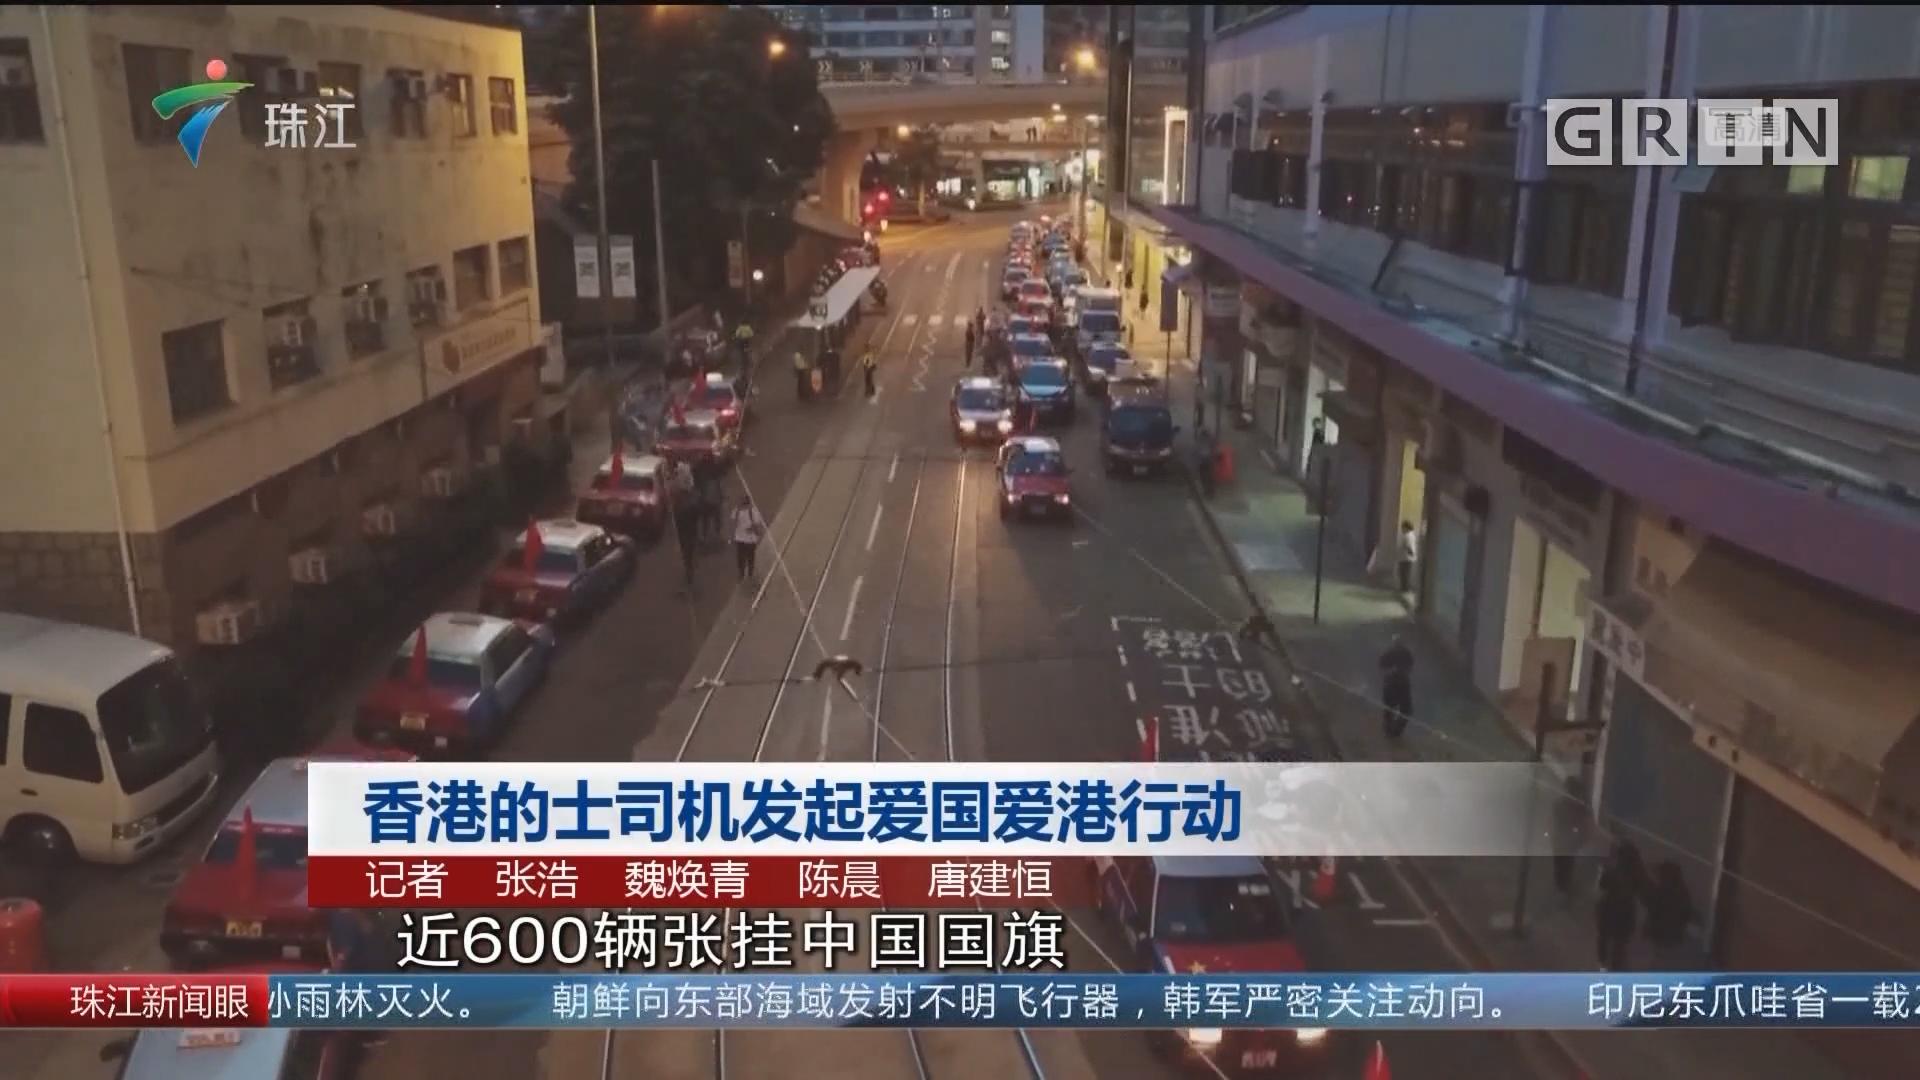 香港的士司机发起爱国爱港行动